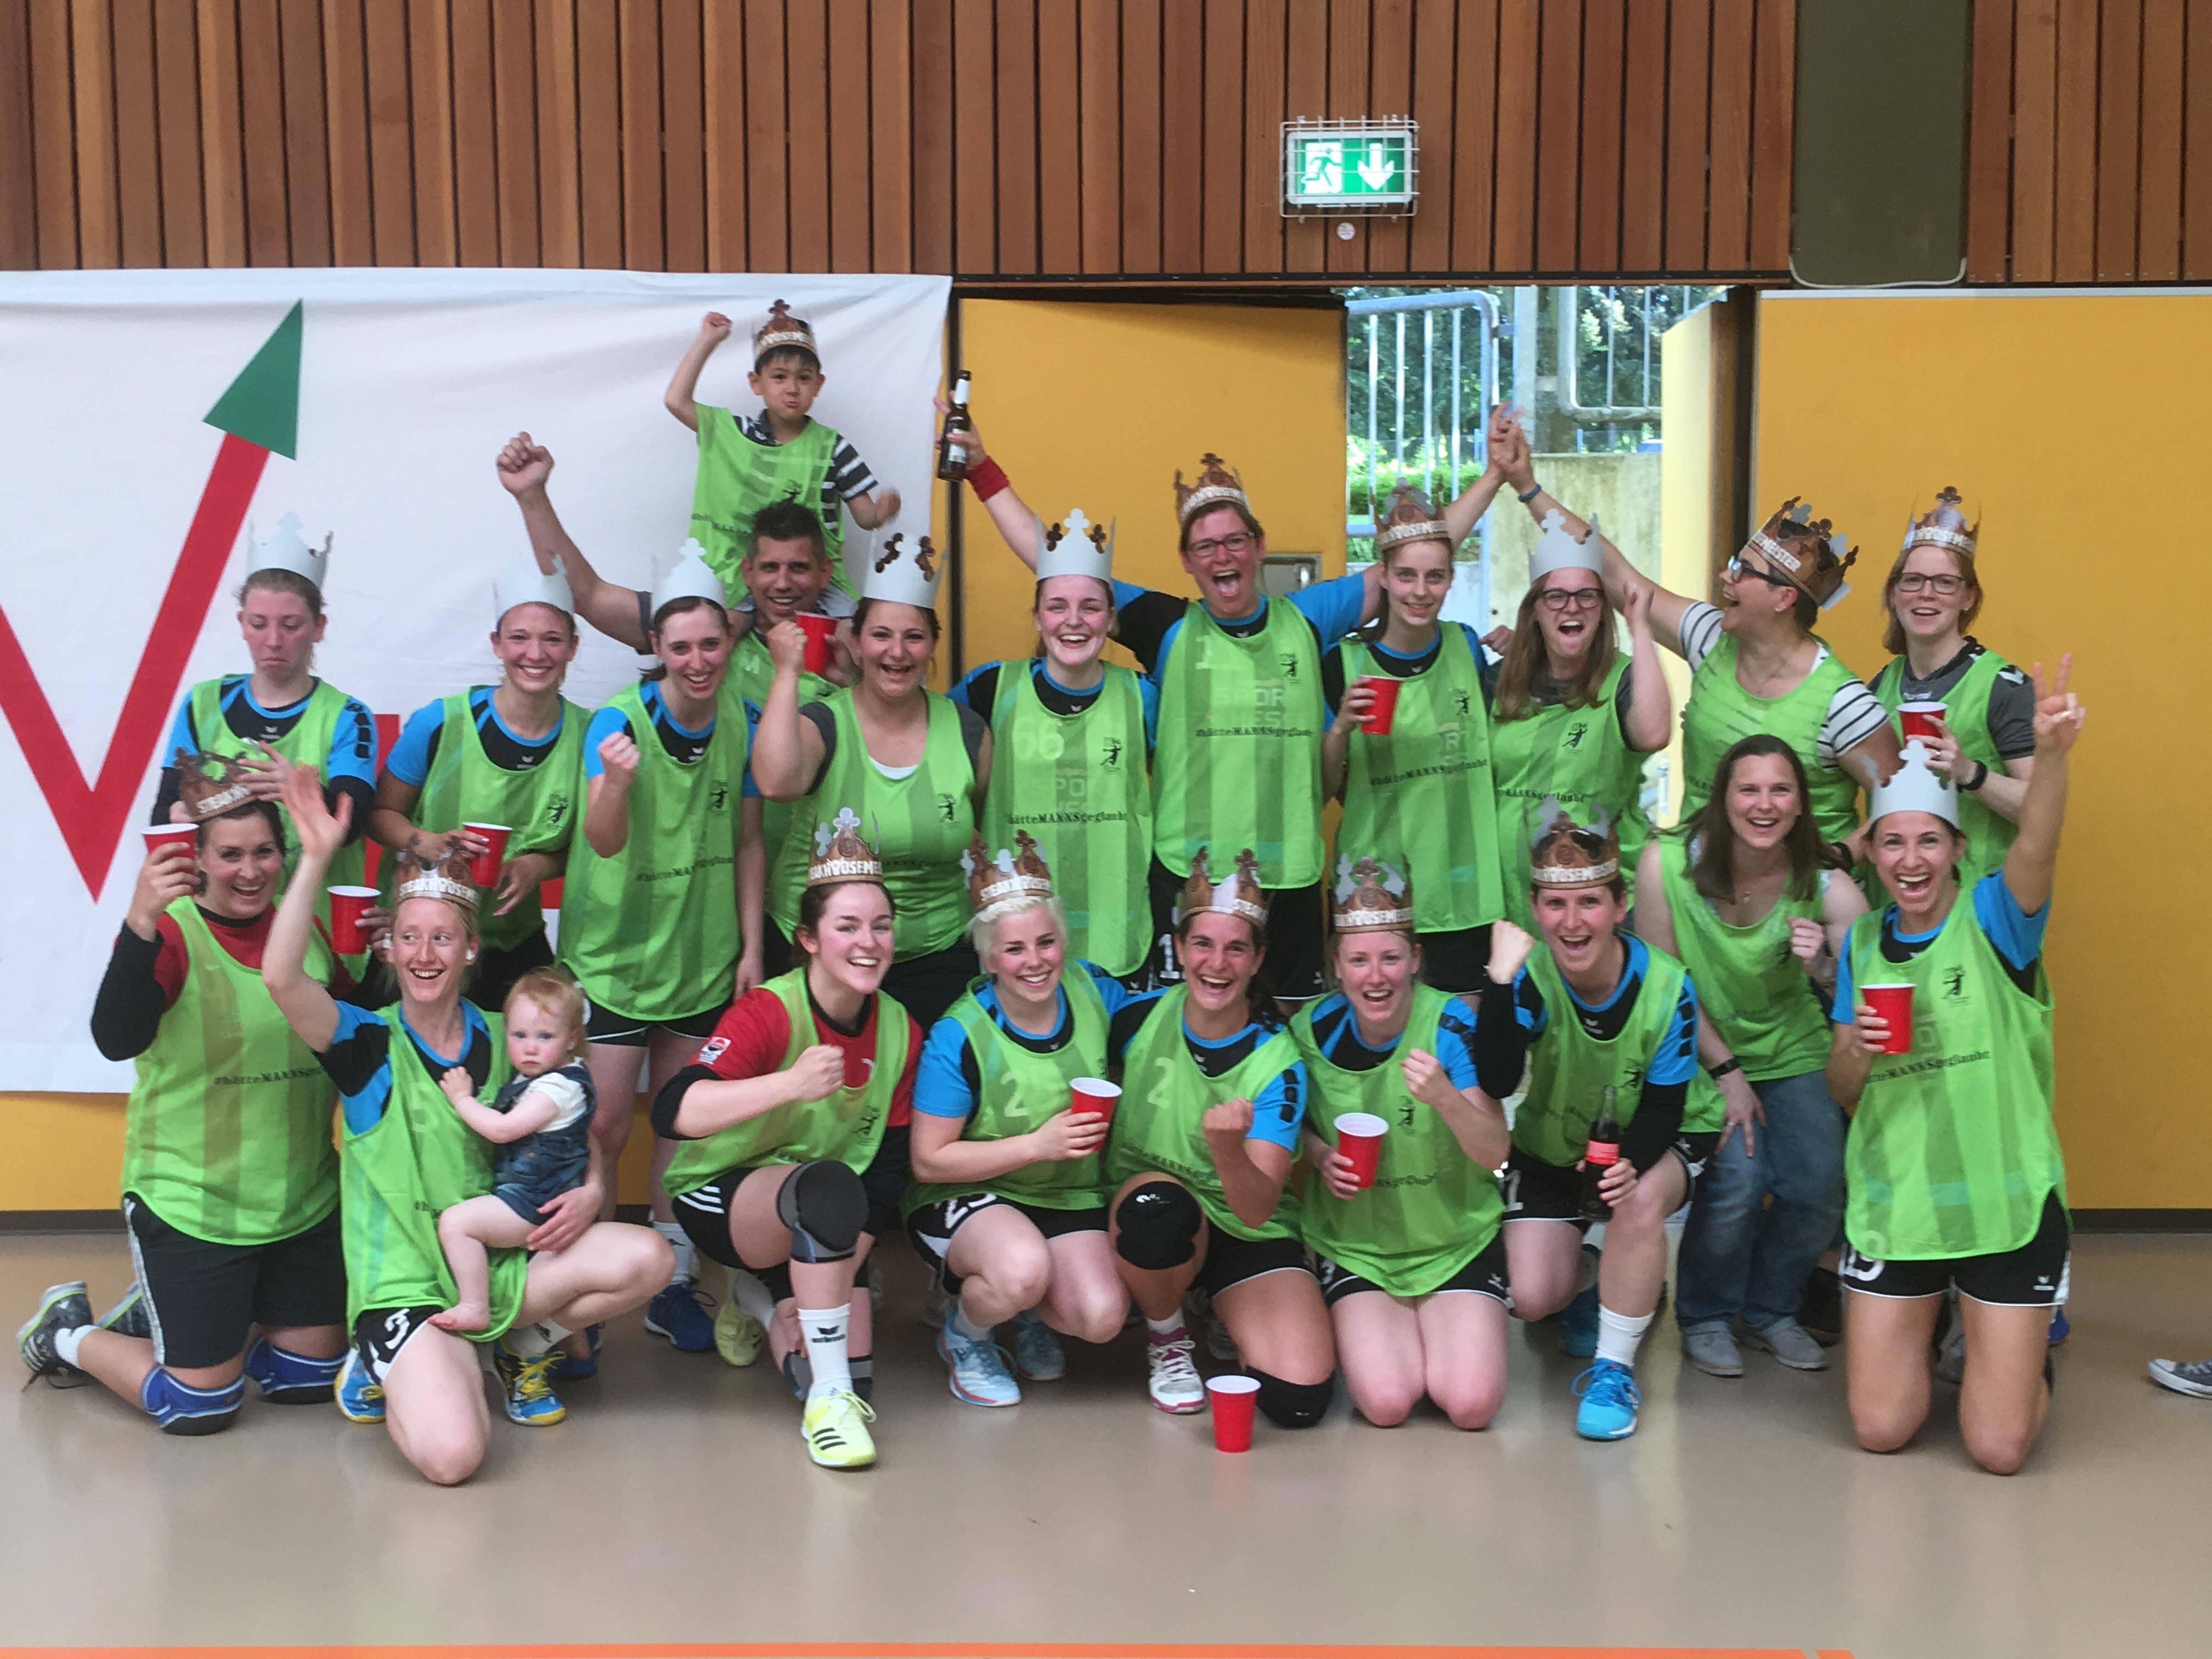 HSG Eschhofen/Steeden Handball – Damen sind Meister und E-Jgd. mit erfoglreicher Quali